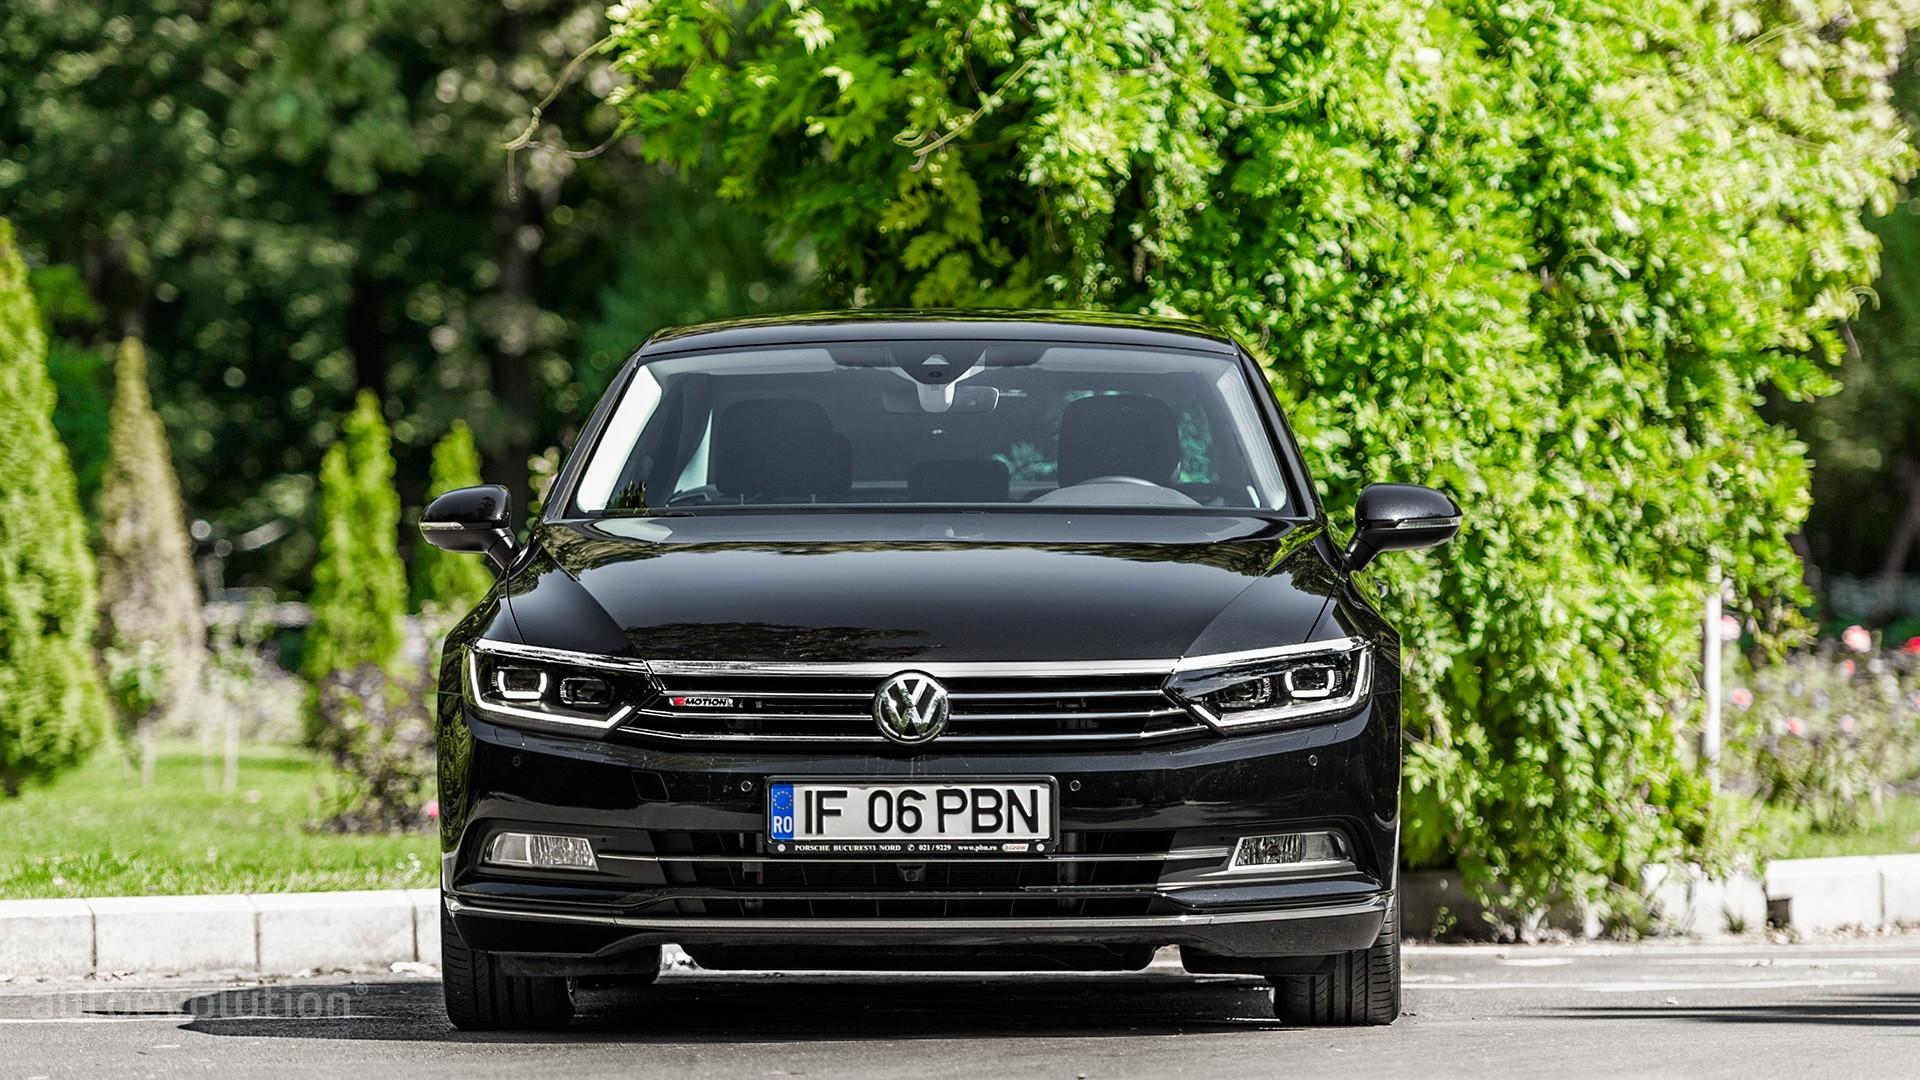 Volkswagen Passat Facelift Coming in 2018 With Arteon ...